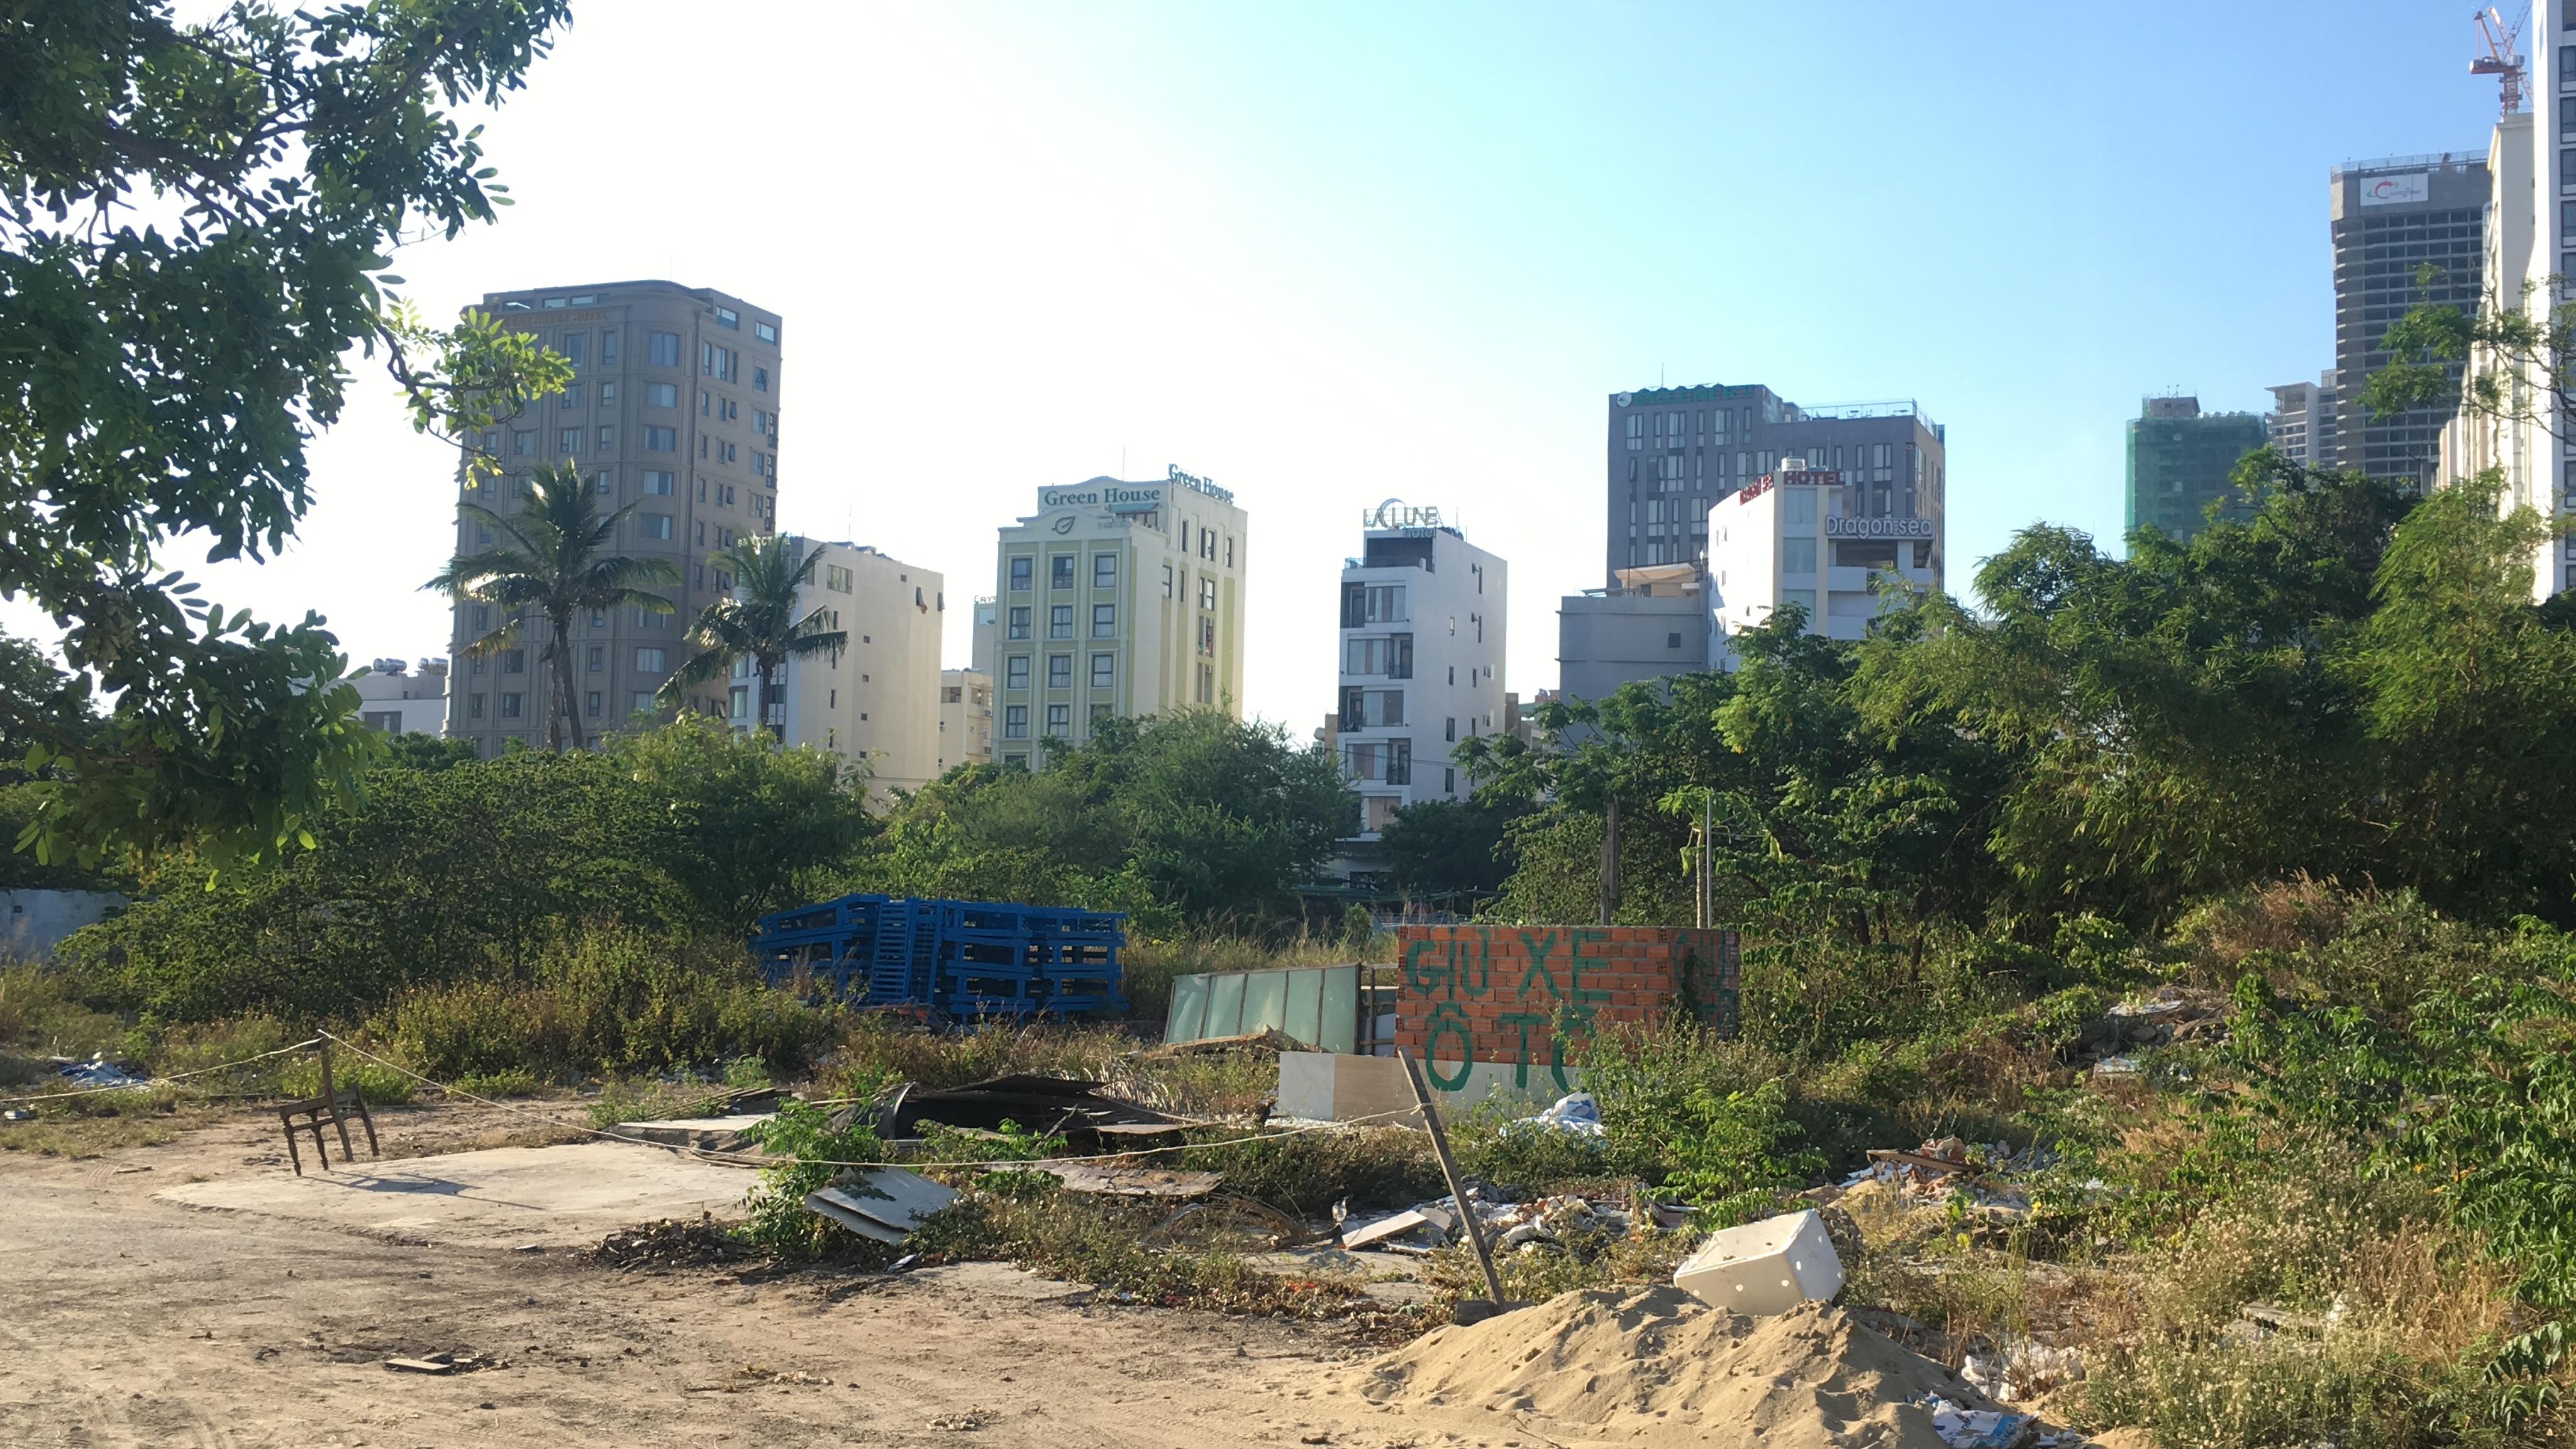 Cận cảnh khu đất ven biển Đà Nẵng sẽ đấu giá làm dự án Trung tâm tài chính, thương mại, casino 2 tỉ USD - Ảnh 5.